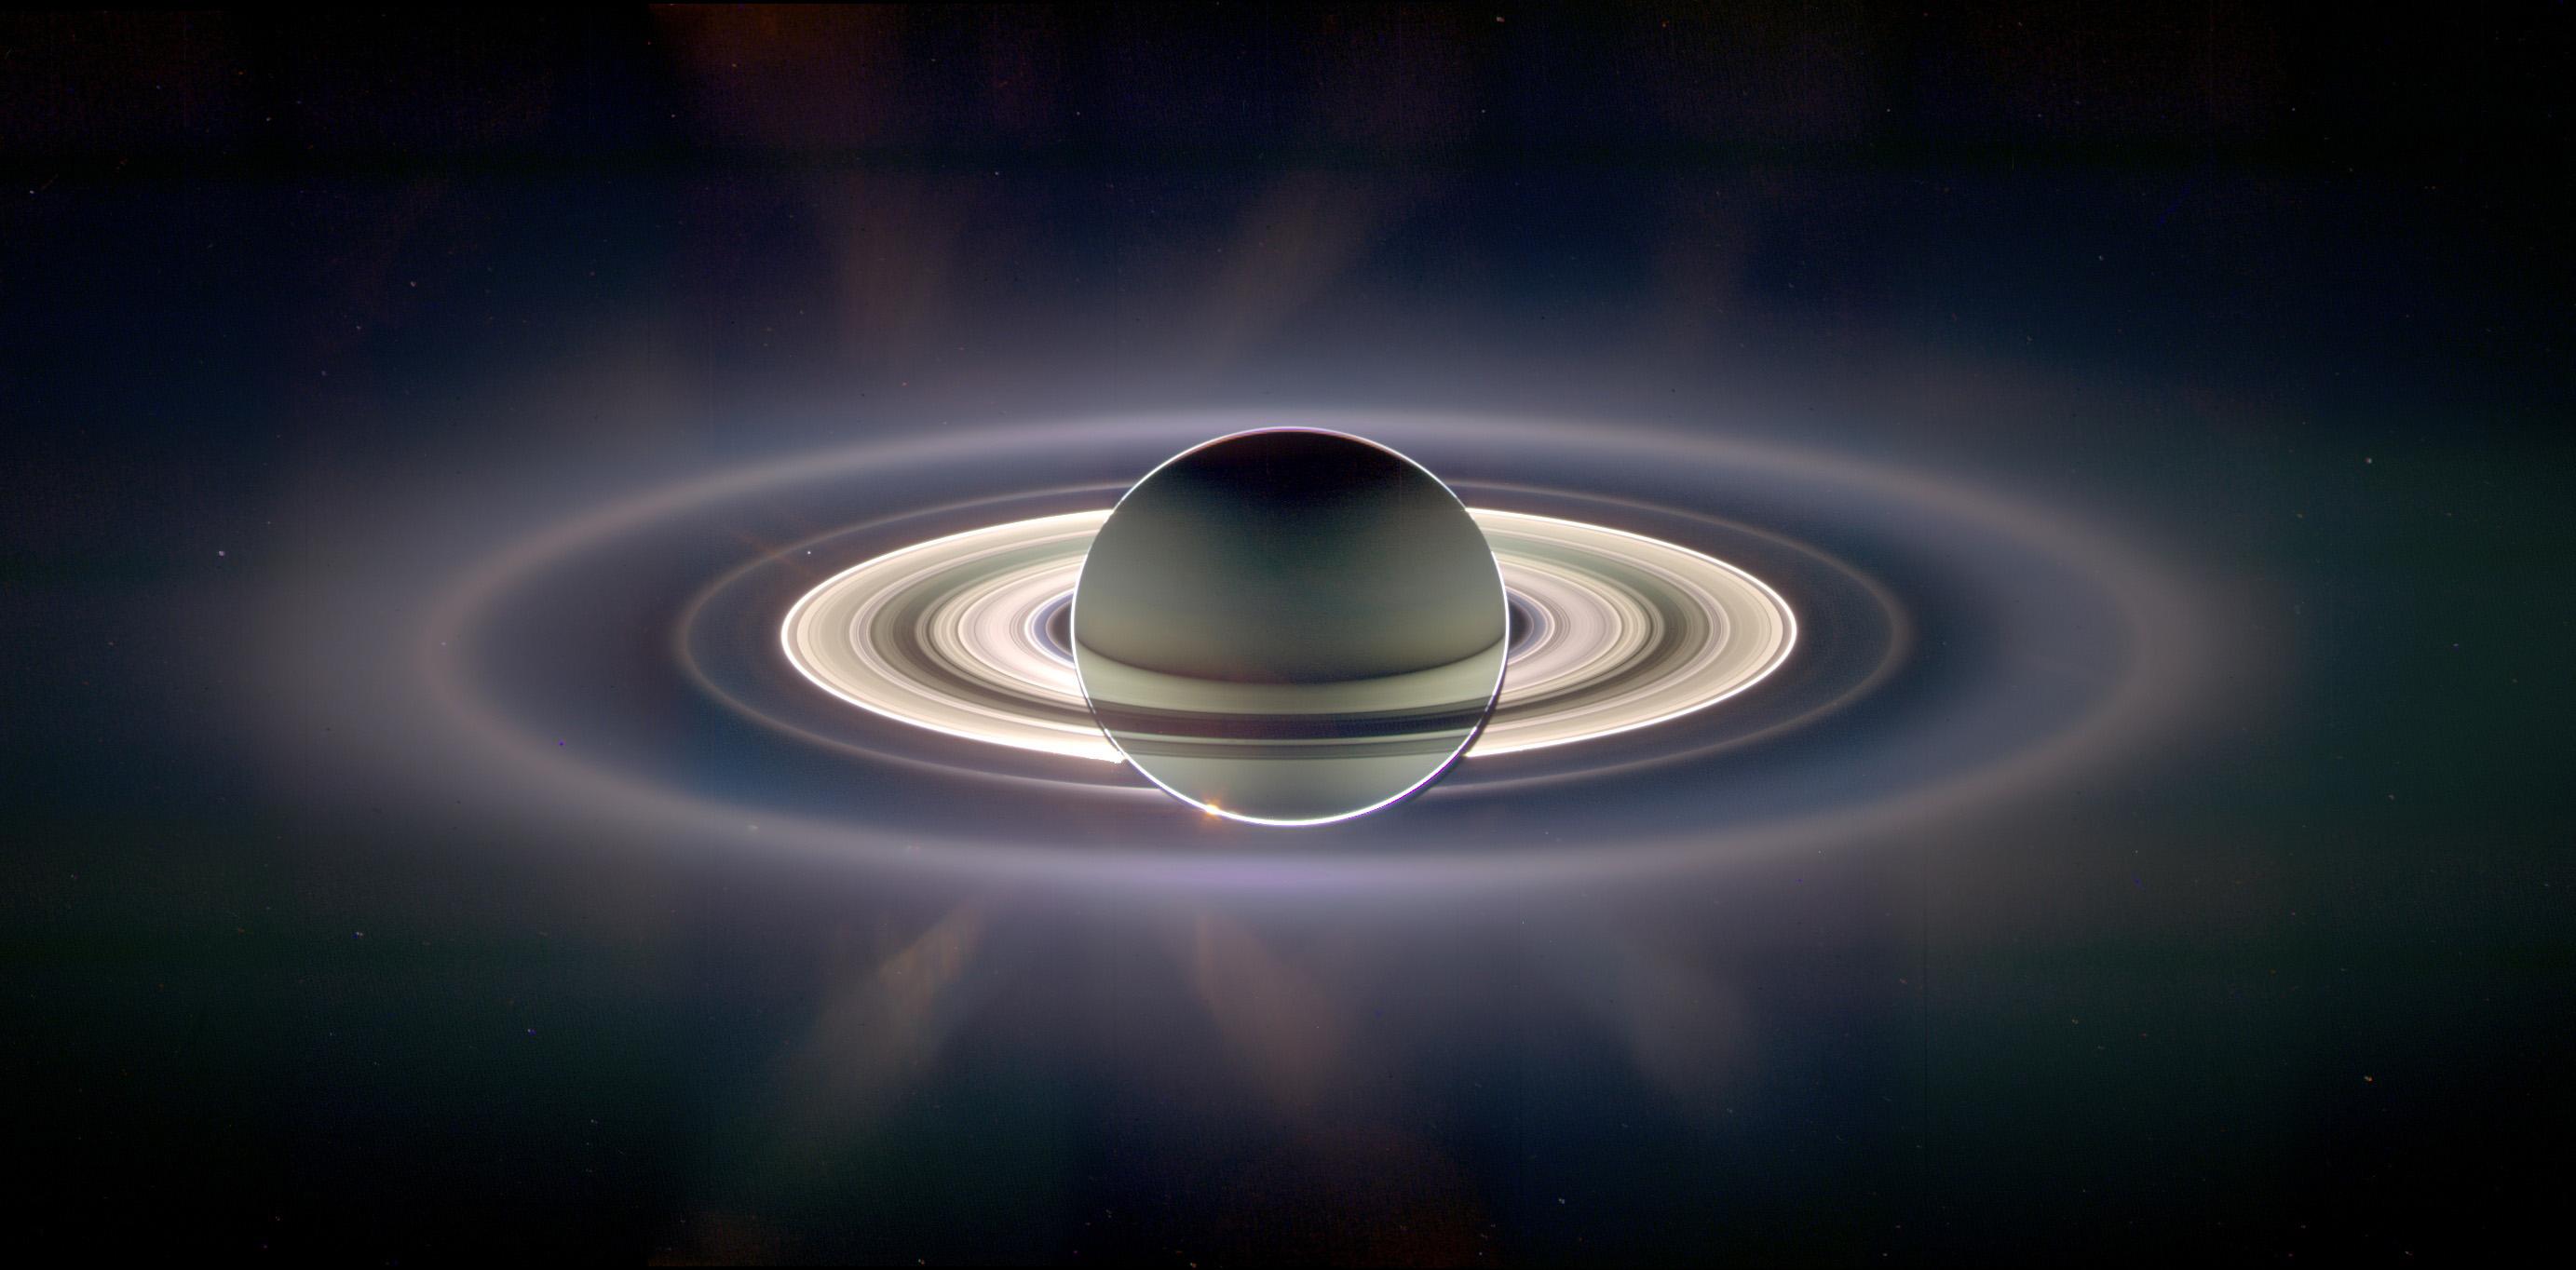 Saturno en oposición 2018: Guía de observación